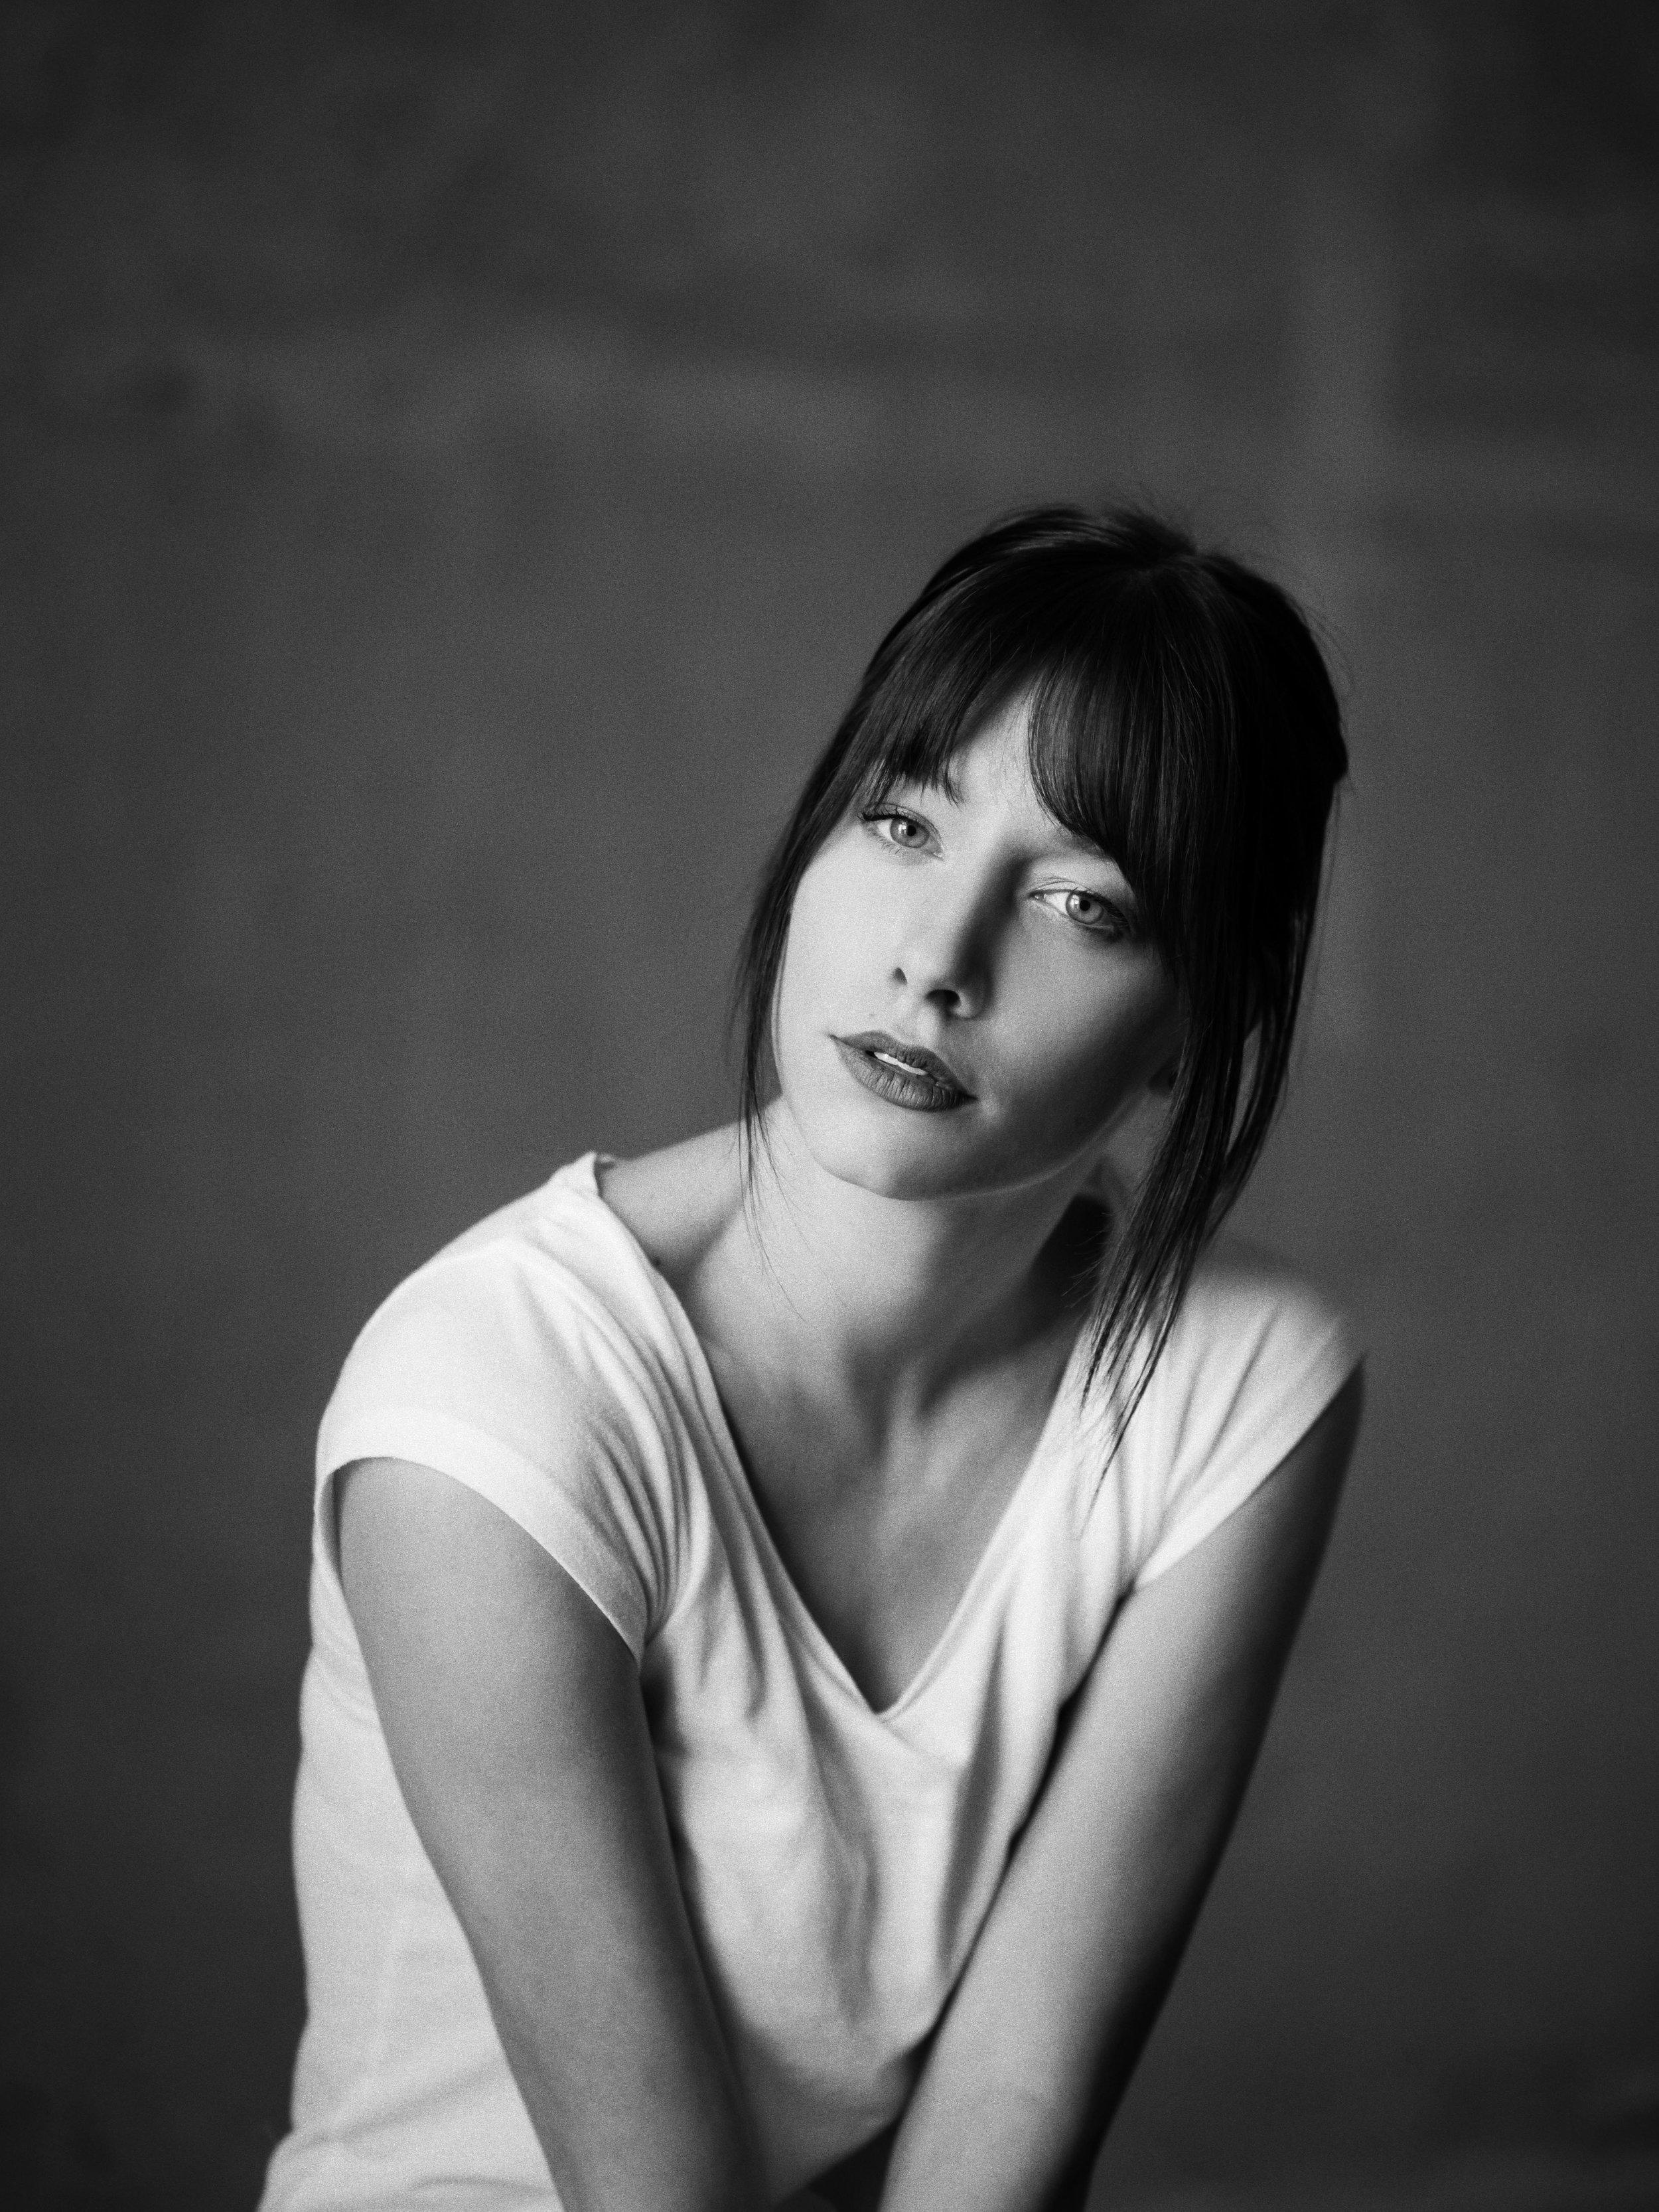 Fotokurs Bonn Portrait Portraifotografie Workshop P1158060_DxOFP.jpg